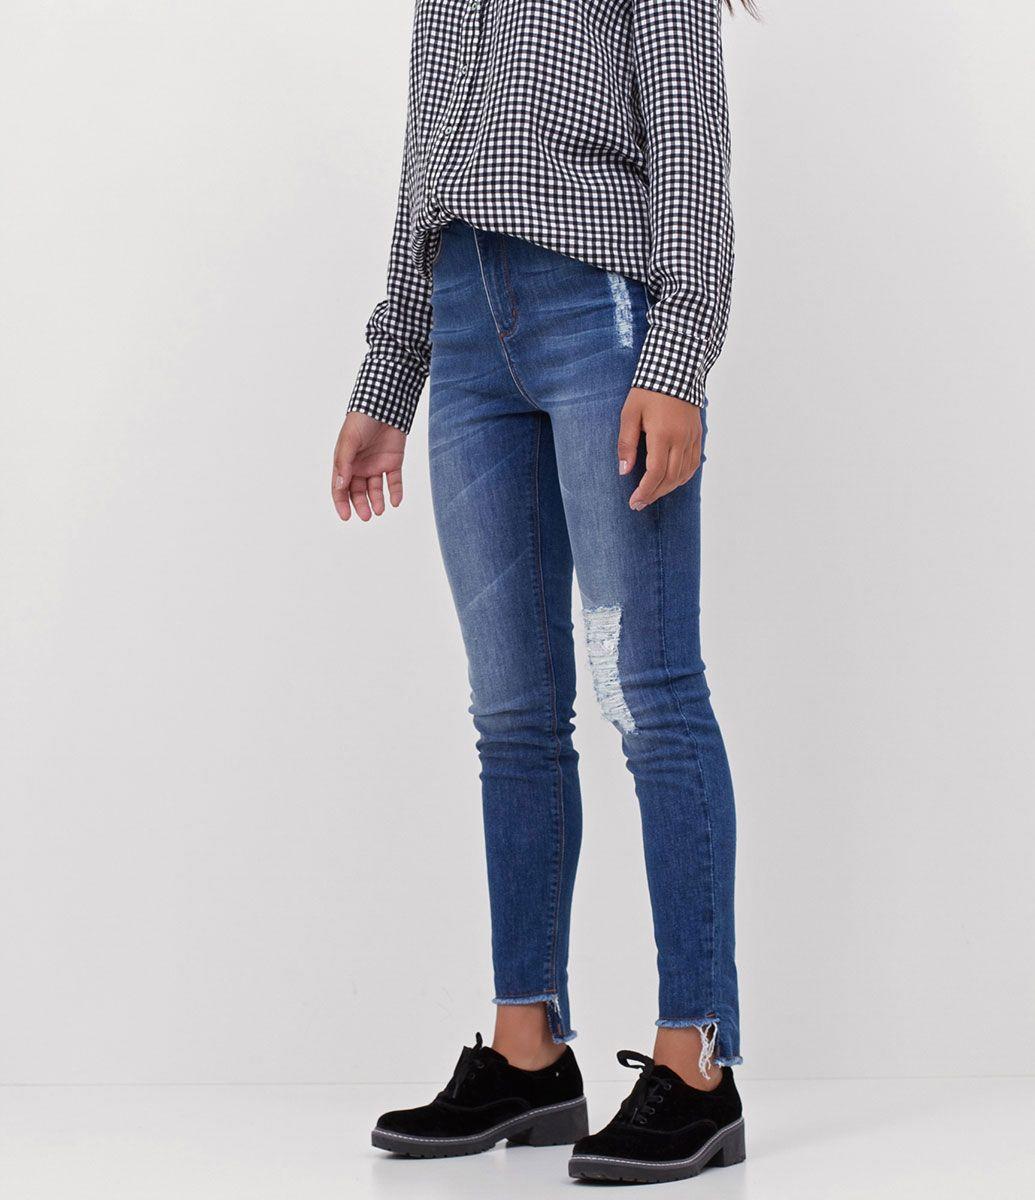 24b51d2e38 Calça feminina Modelo cigarrete Com puídos Com barra desfiada Marca  Blue  Steel Jeans Tecido